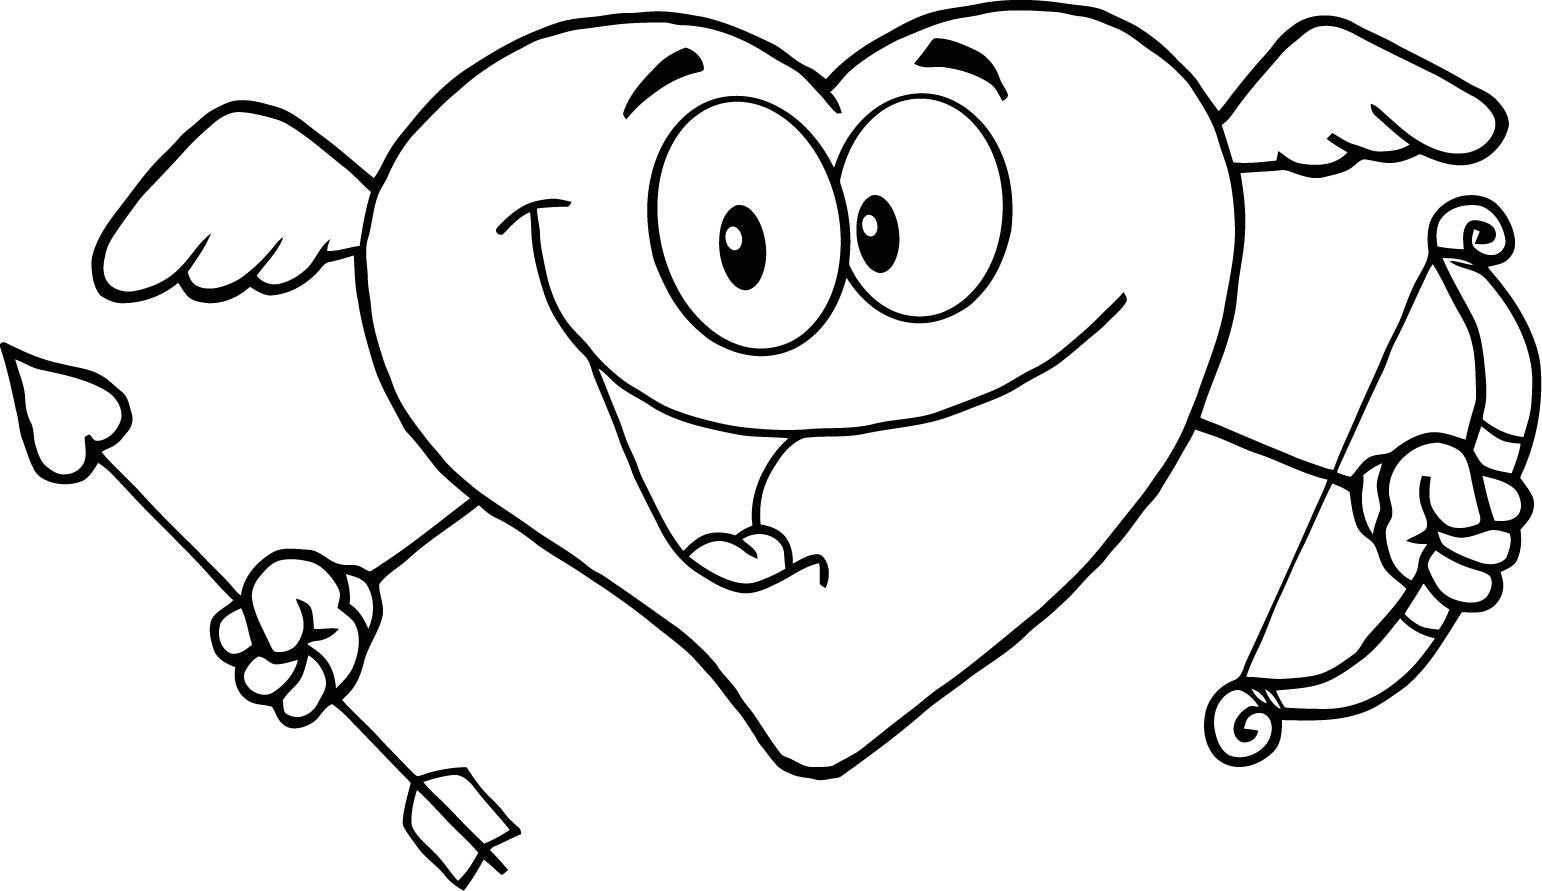 Смешные сердечки раскраска